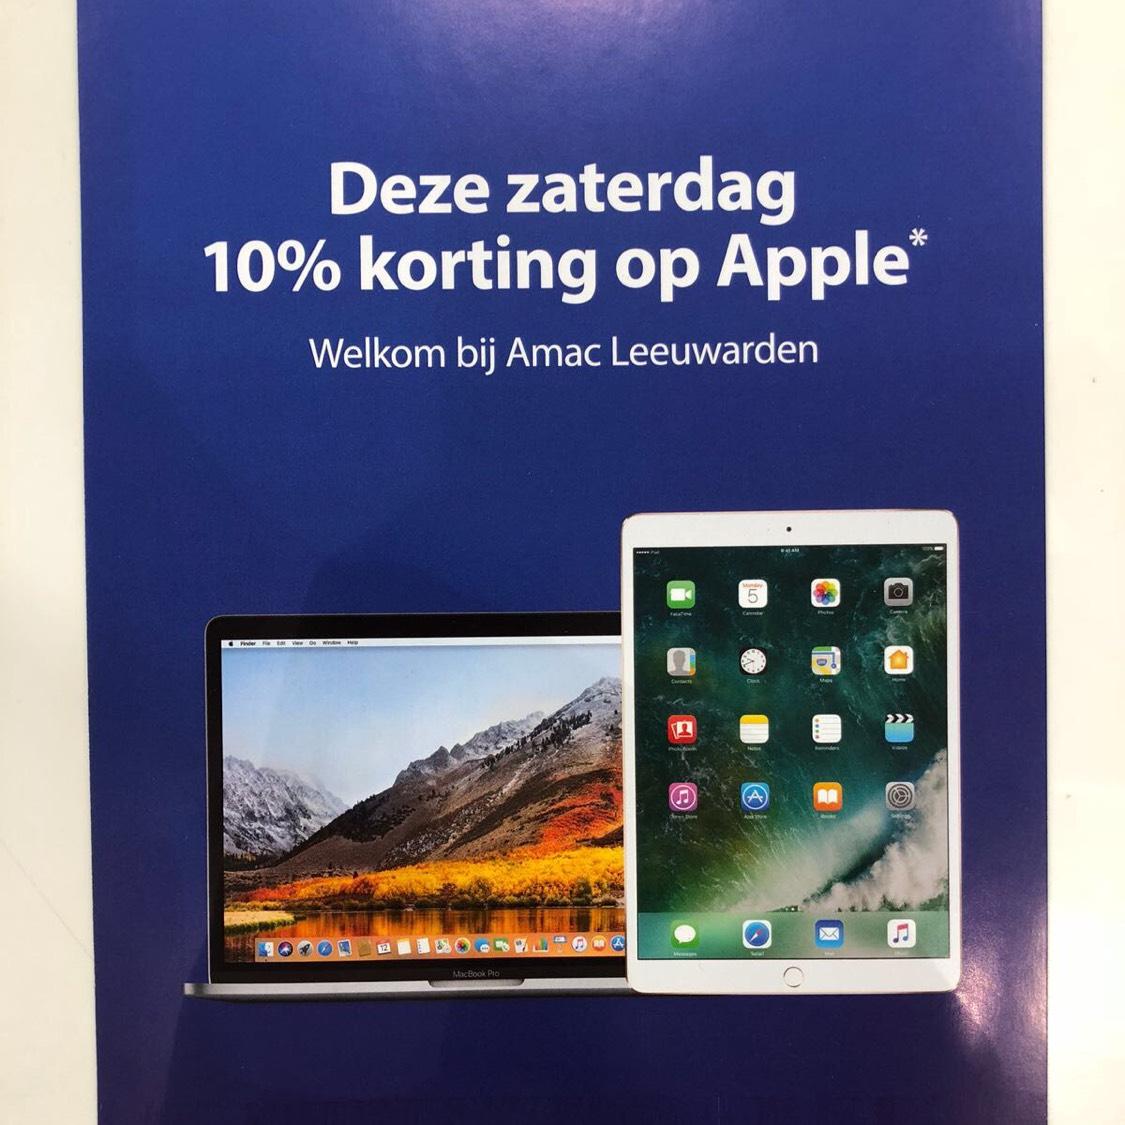 10% korting op alles van Apple! Gratis Belkin screenprotector t.w.v. €24,95 bij Amac Leeuwarden